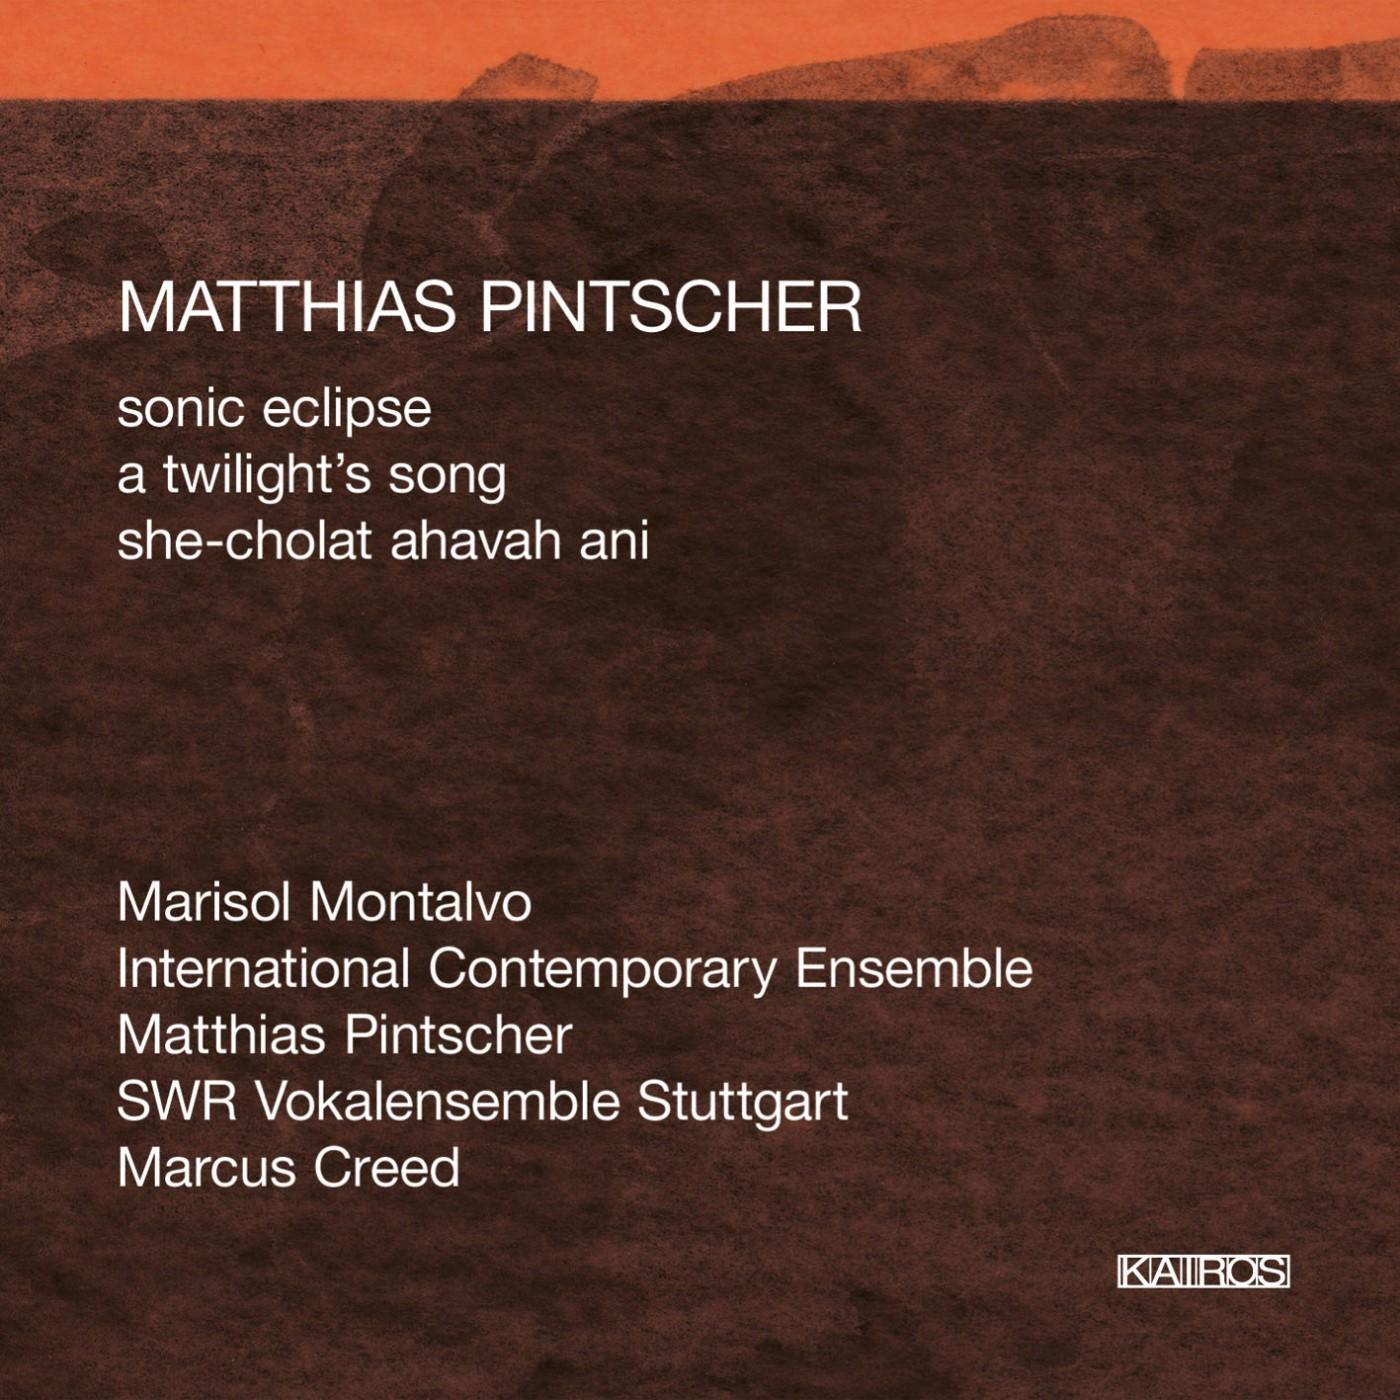 Matthias Pintscher: Sonic Eclipse